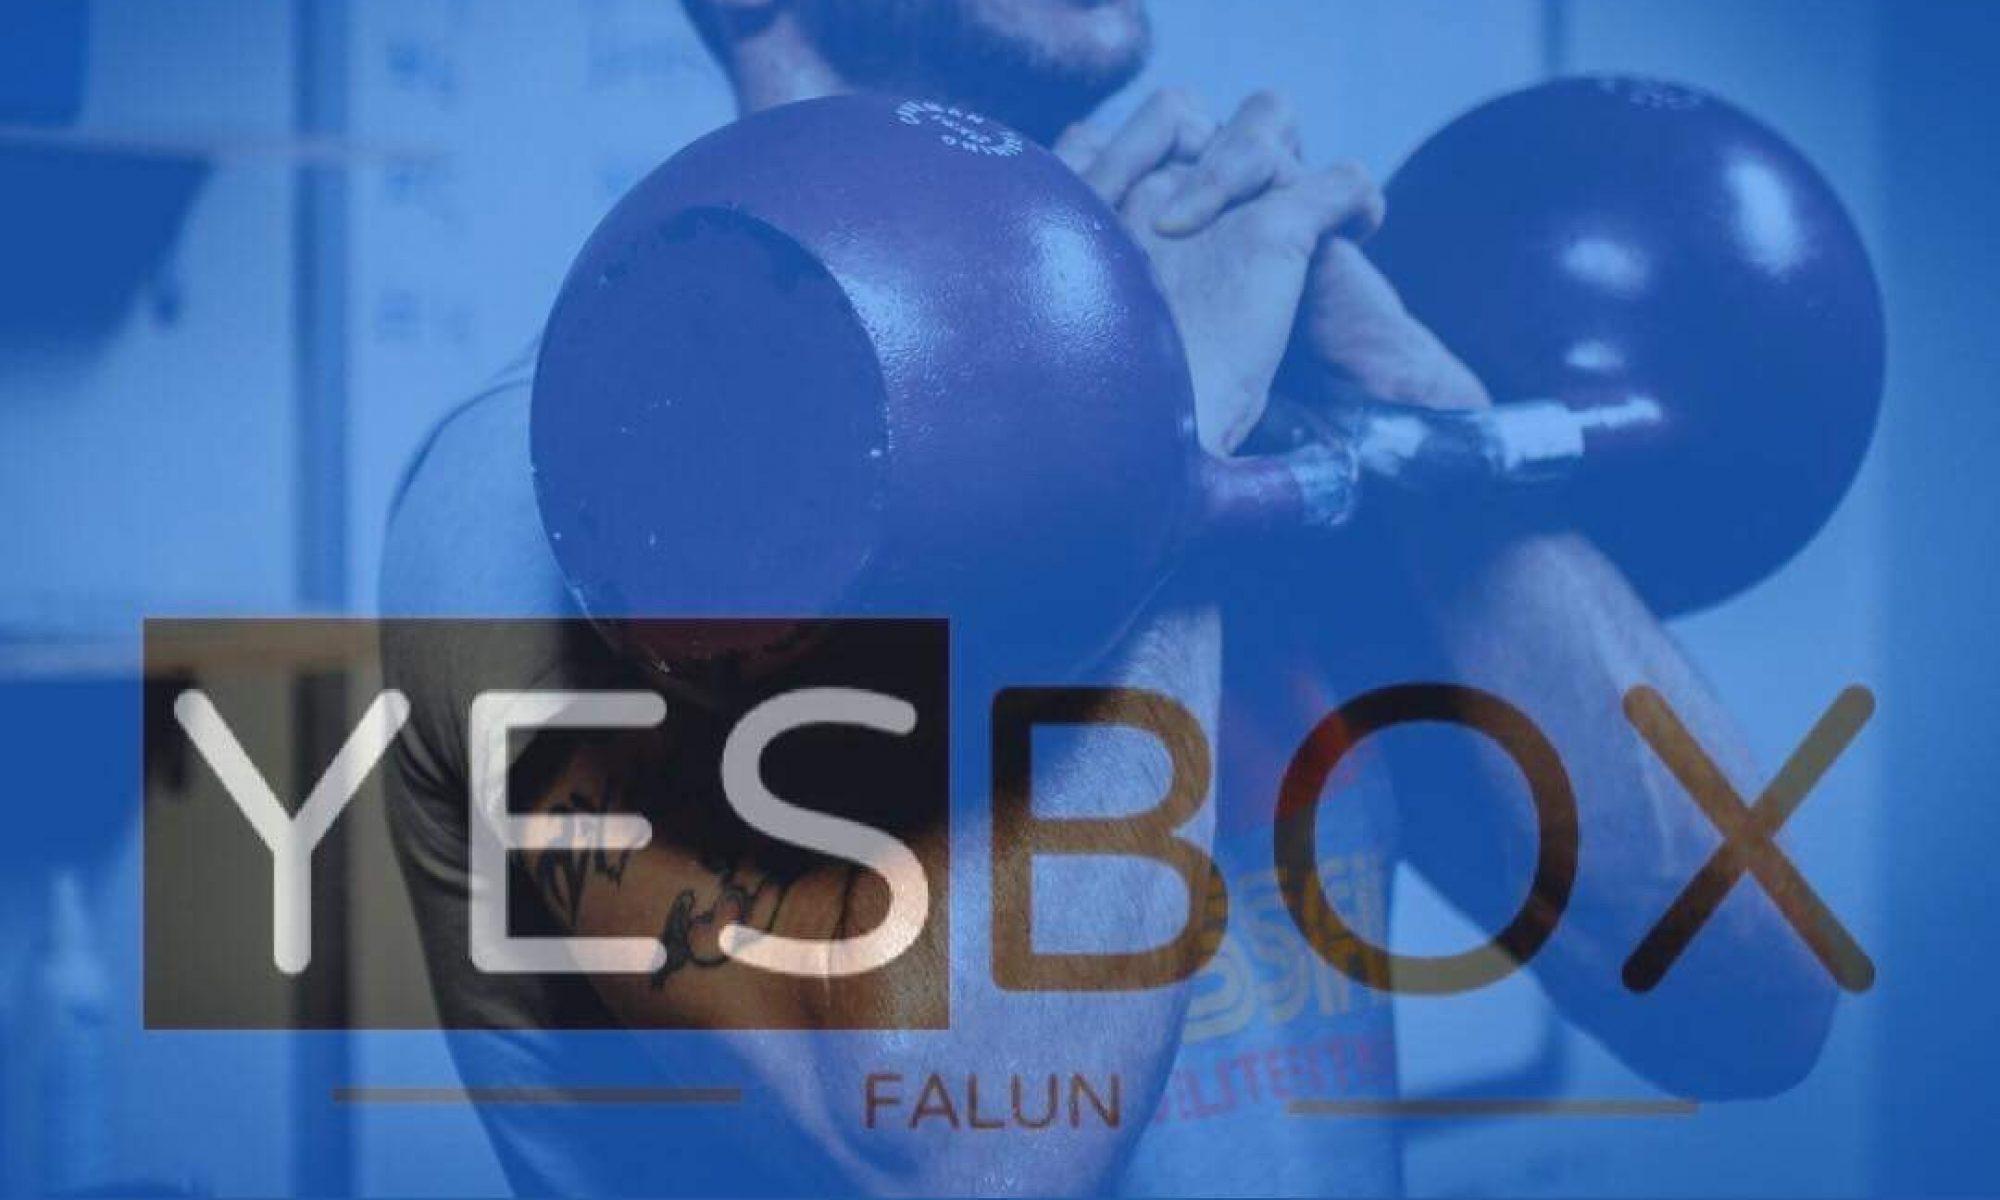 YesBox Falun